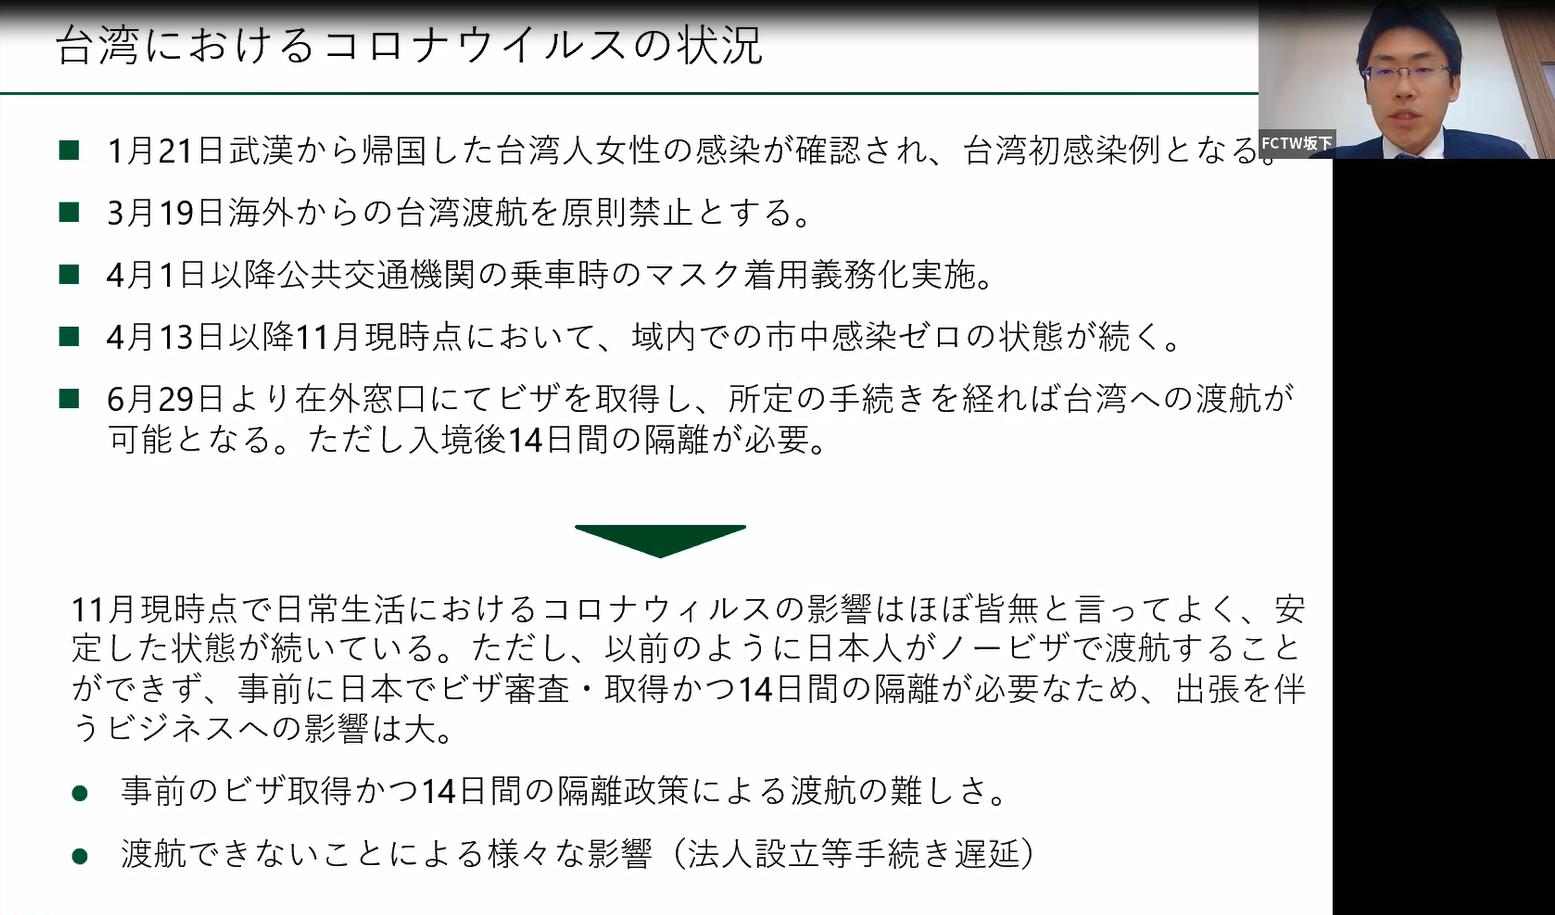 台湾におけるコロナウイルスの状況